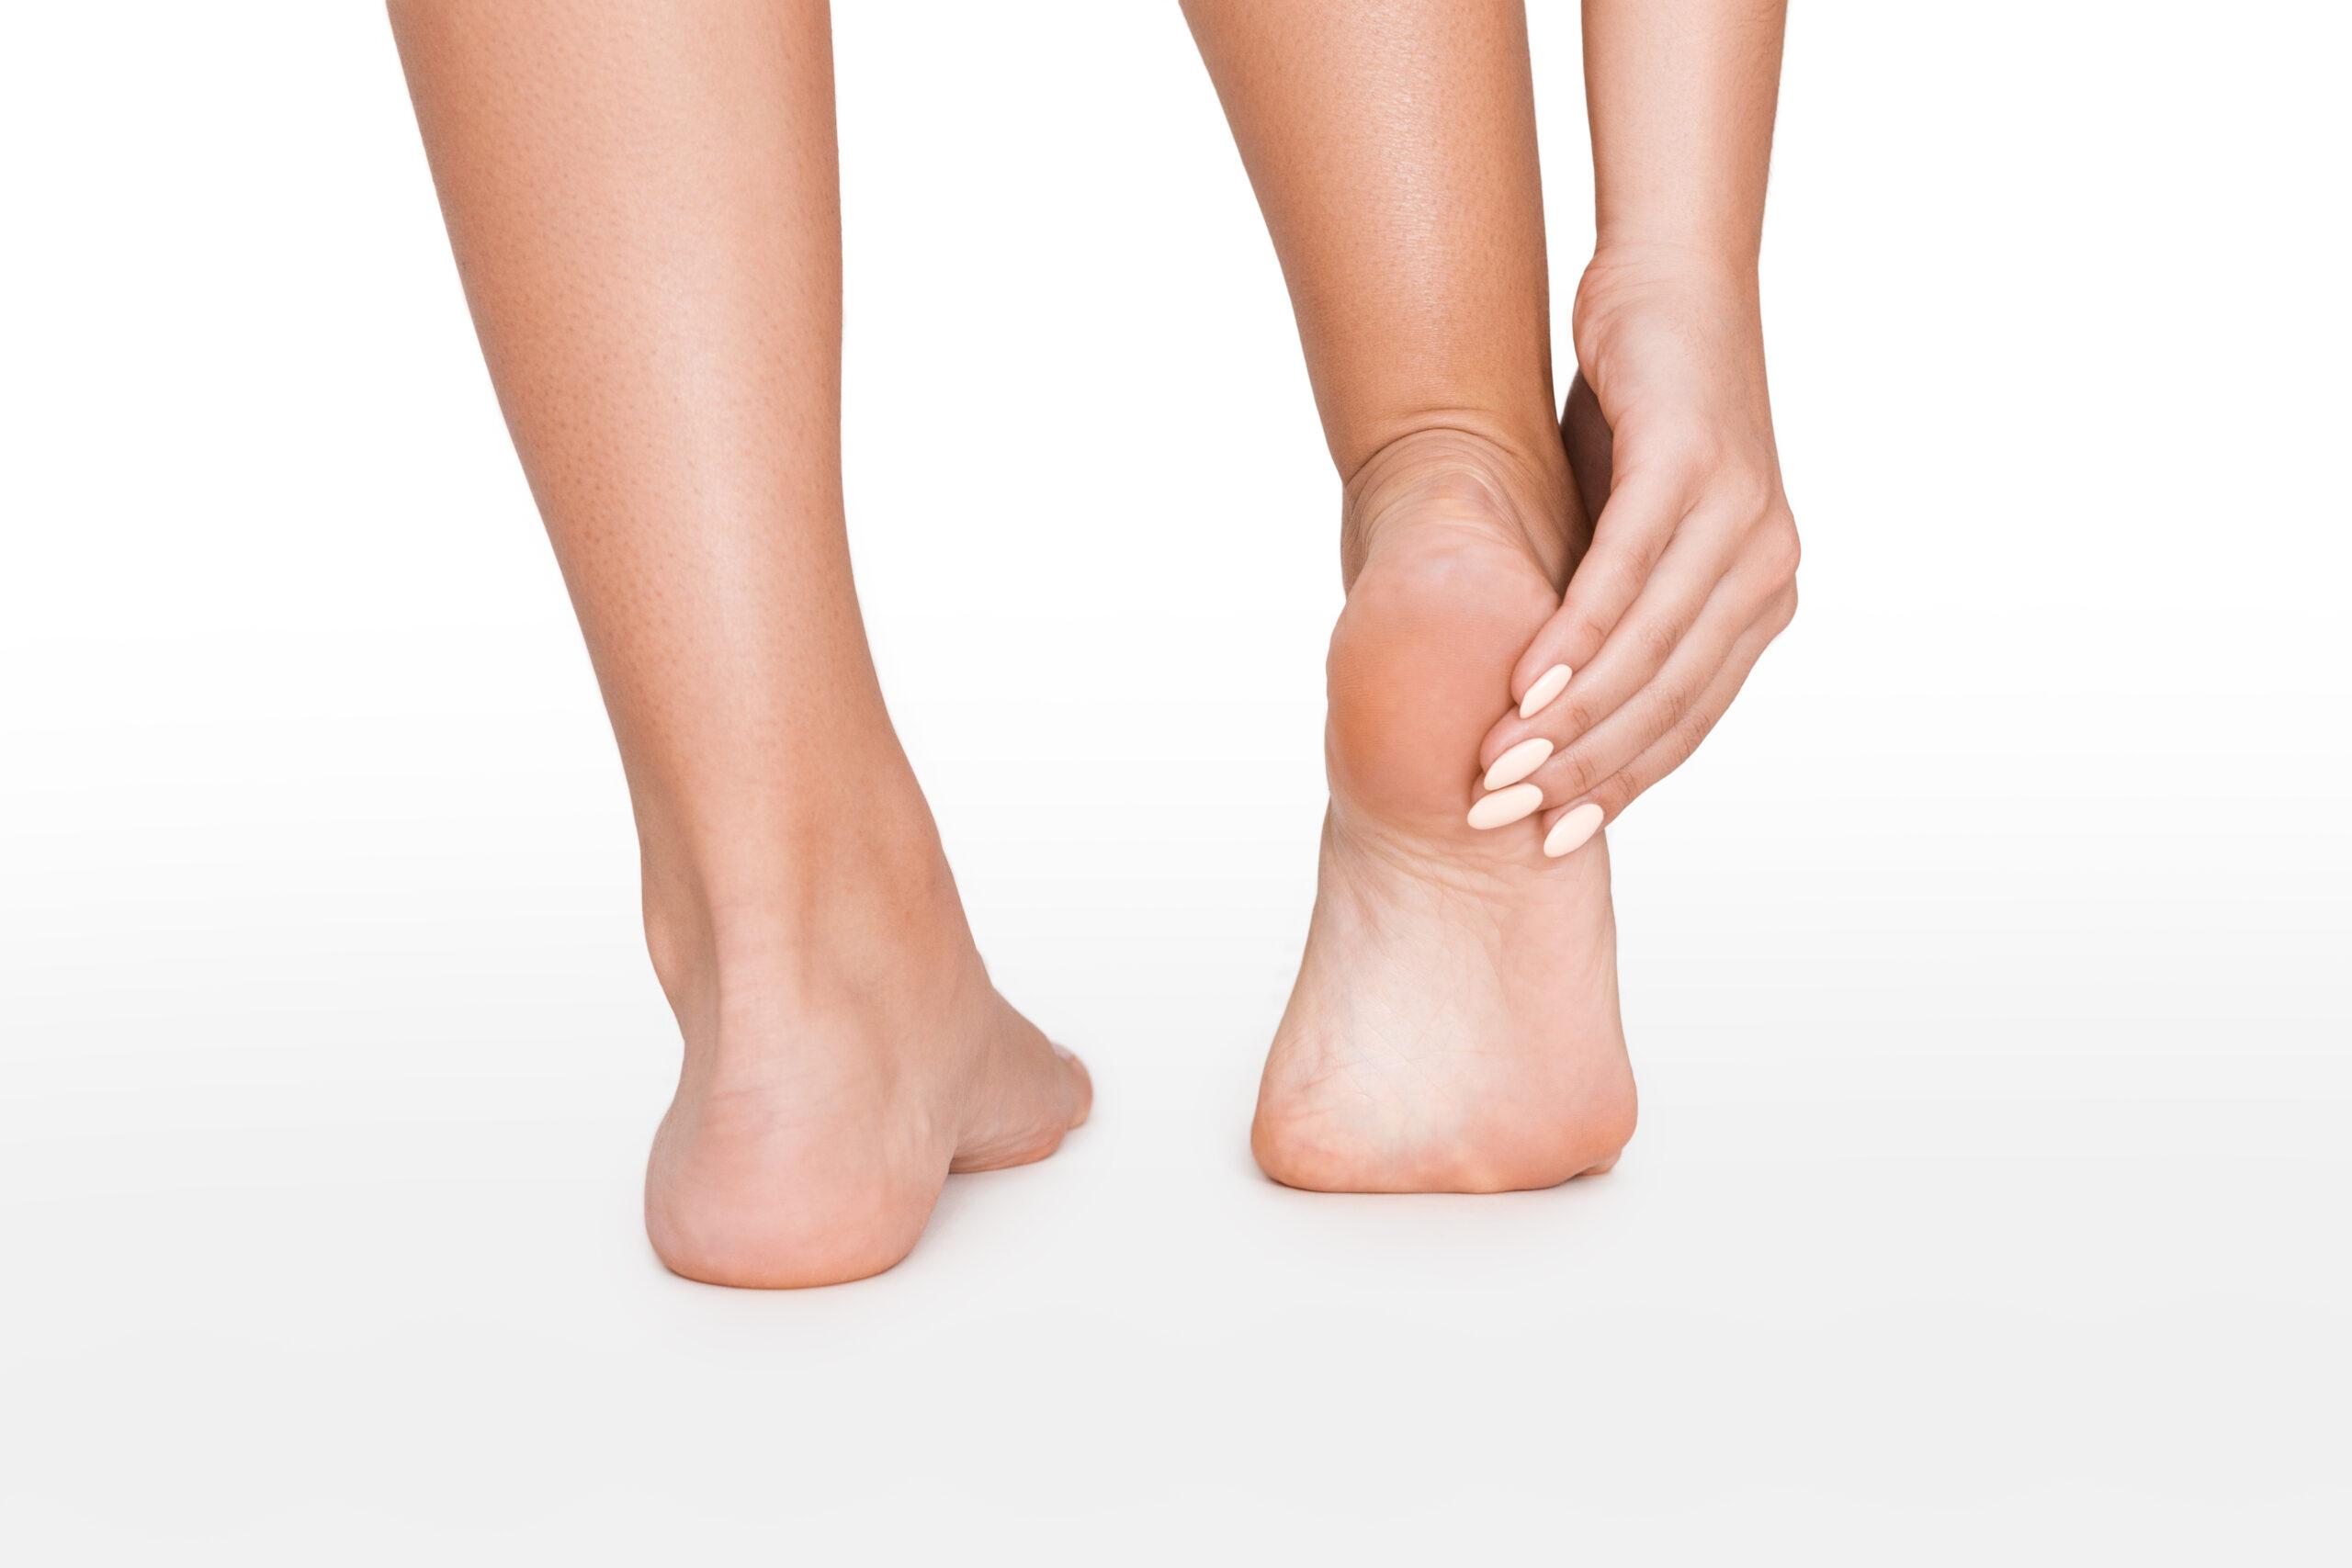 pieds de femme avec celui de droite levé et talon dans les mains